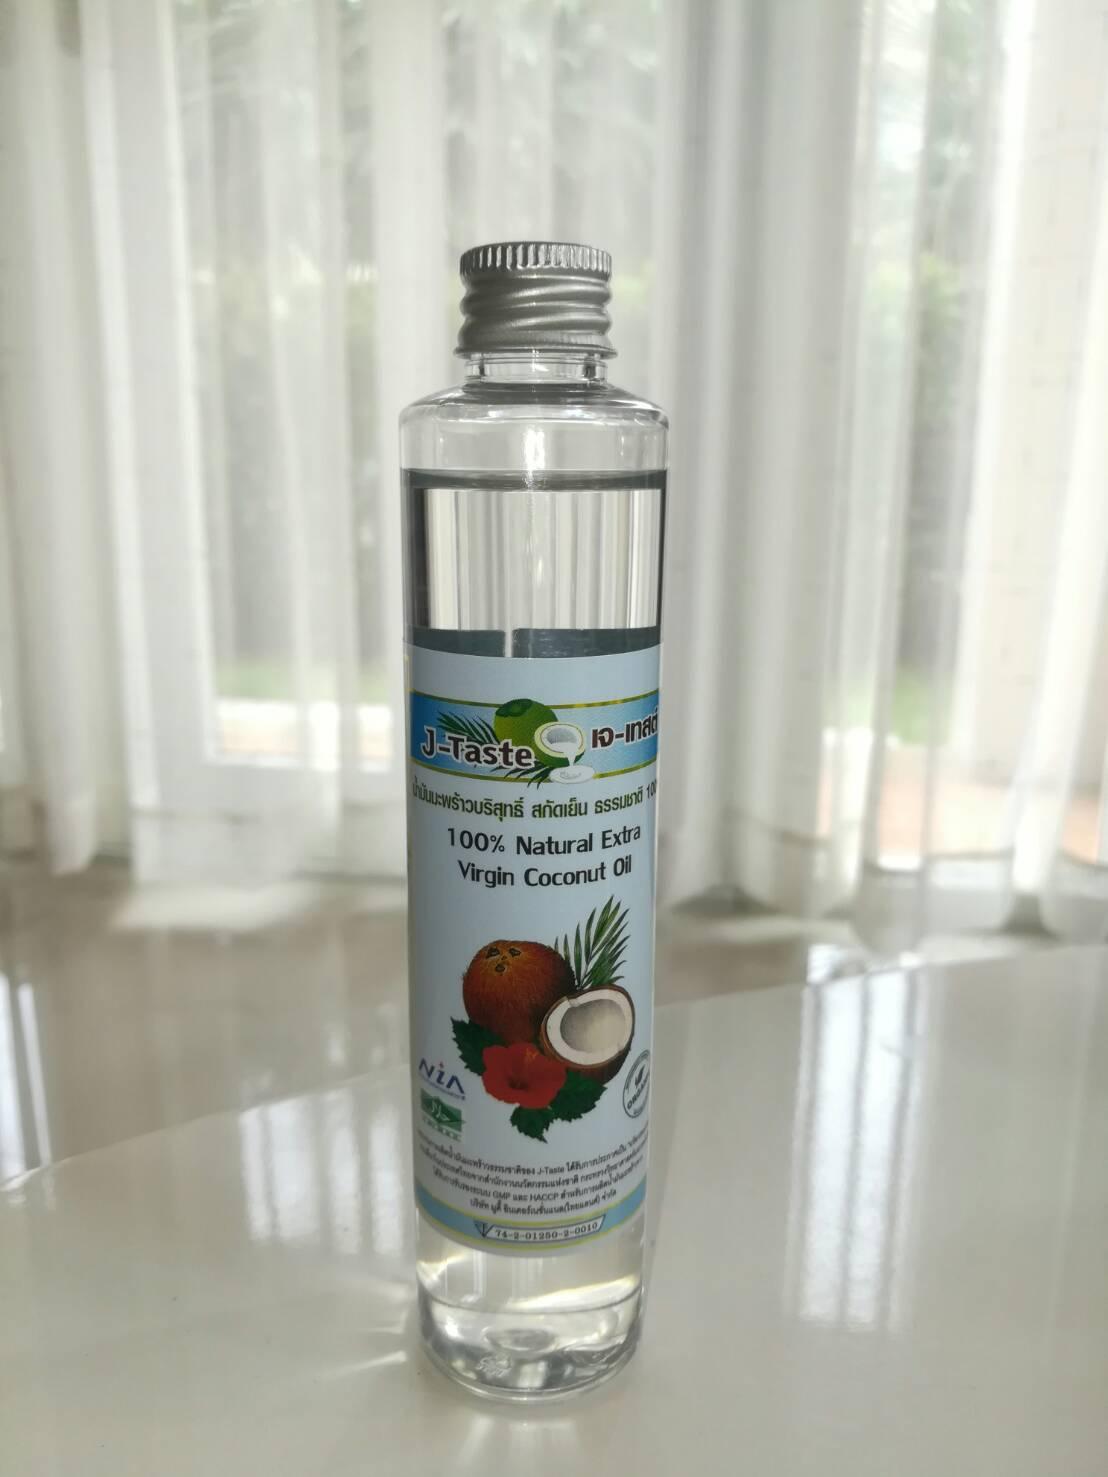 น้ำมันมะพร้าวบริสุทธิ์ สกัดเย็น ธรรมชาติ 100% เจ-เทสต์ ขนาด100ml.